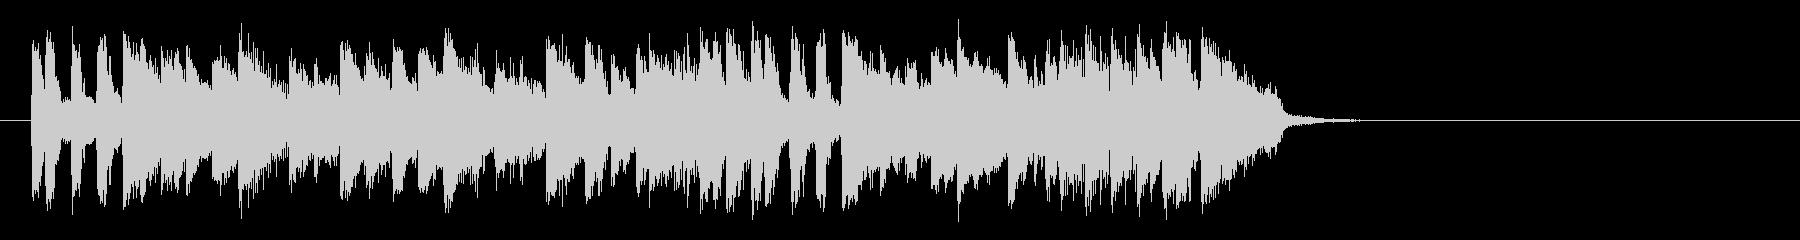 フュージョンバラード(サビ)の未再生の波形